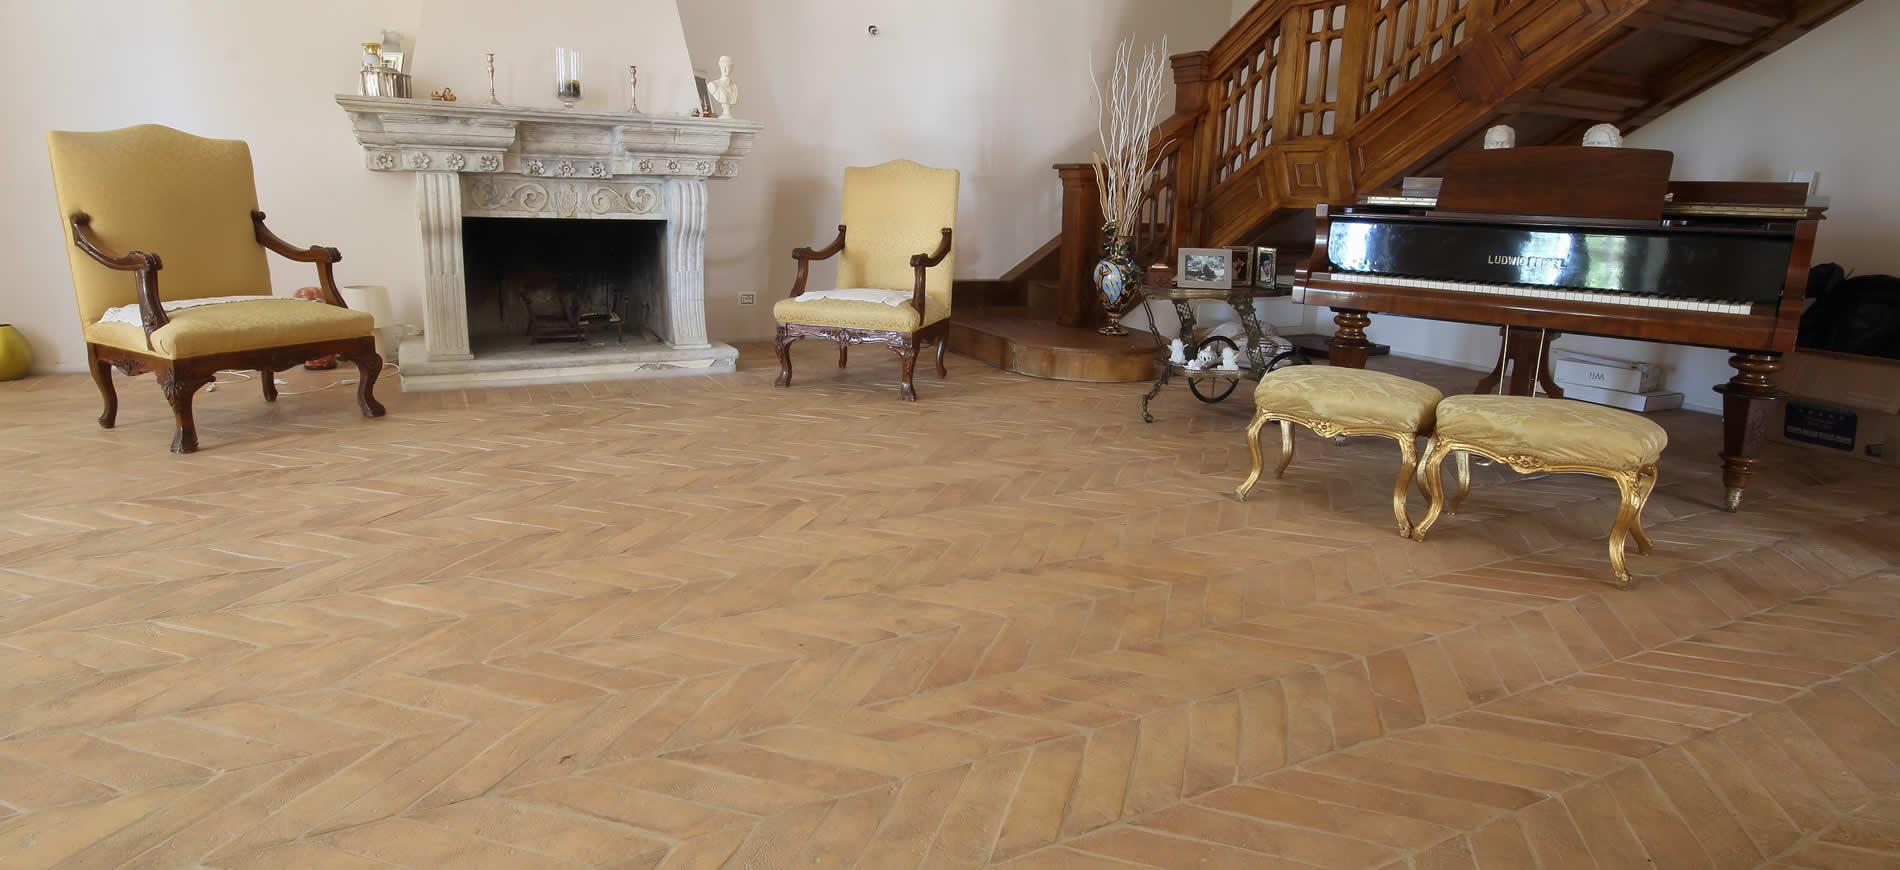 Pavimenti In Cotto Per Interni pavimenti in cotto fatto a mano per interni/esterni stefani